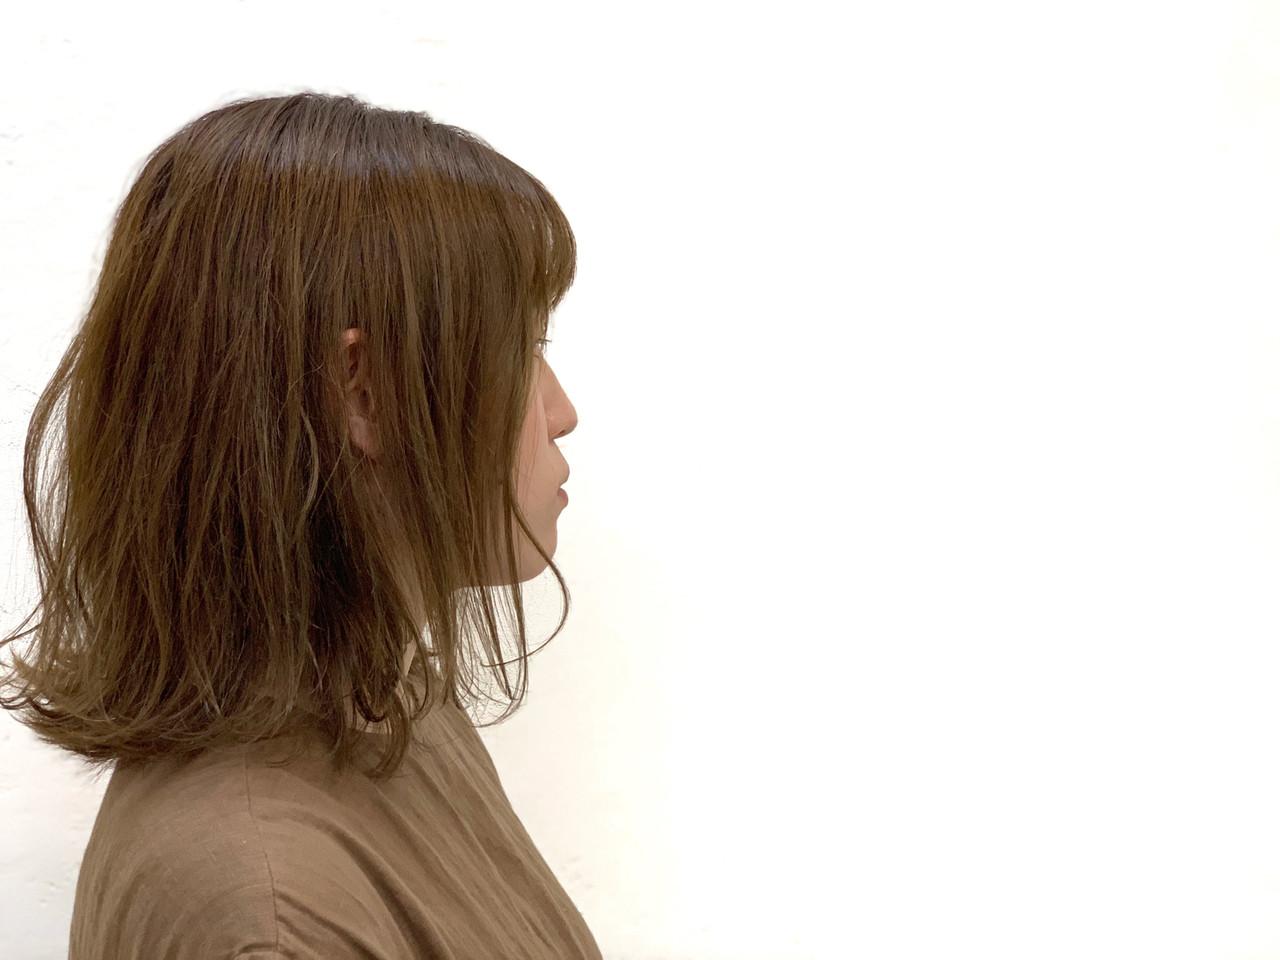 ナチュラル ミルクティーベージュ ボブ ハイライト ヘアスタイルや髪型の写真・画像 | 富山 美容師 朝岡 佑介 / HUE【ヒュー】